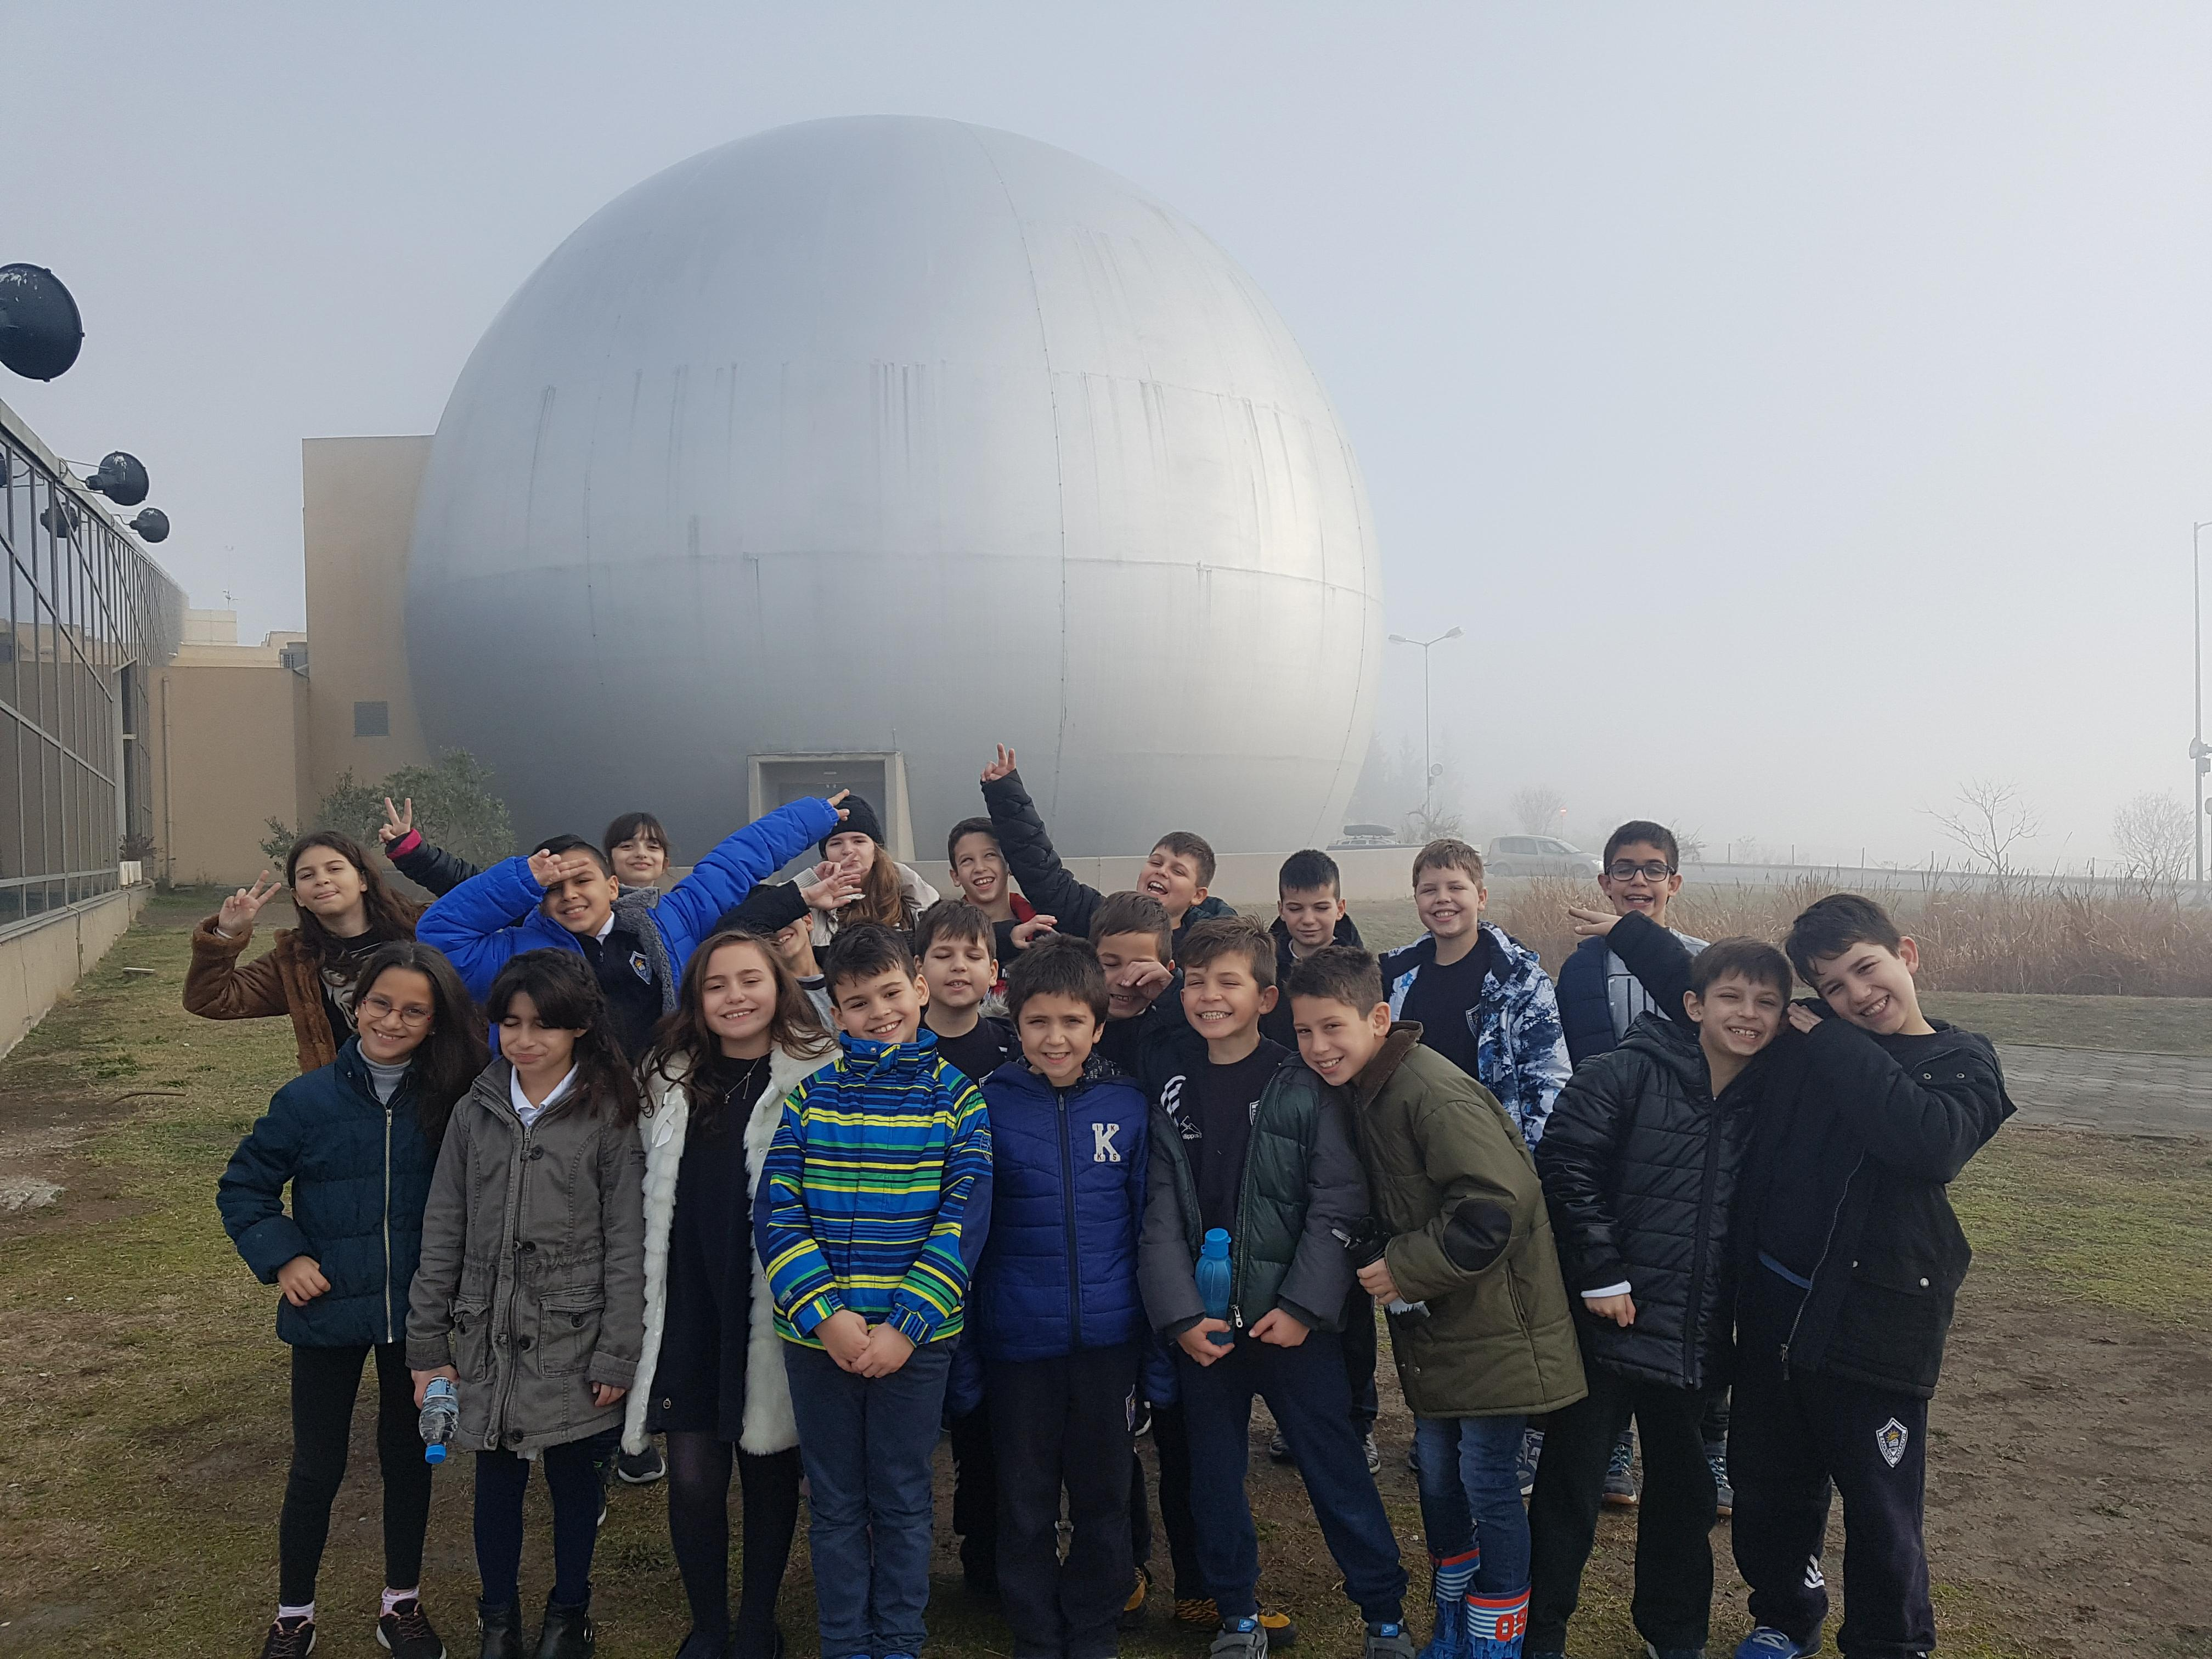 Επίσκεψη των μαθητών της Δ'τάξης του Δημοτικού στο Πλανητάριο